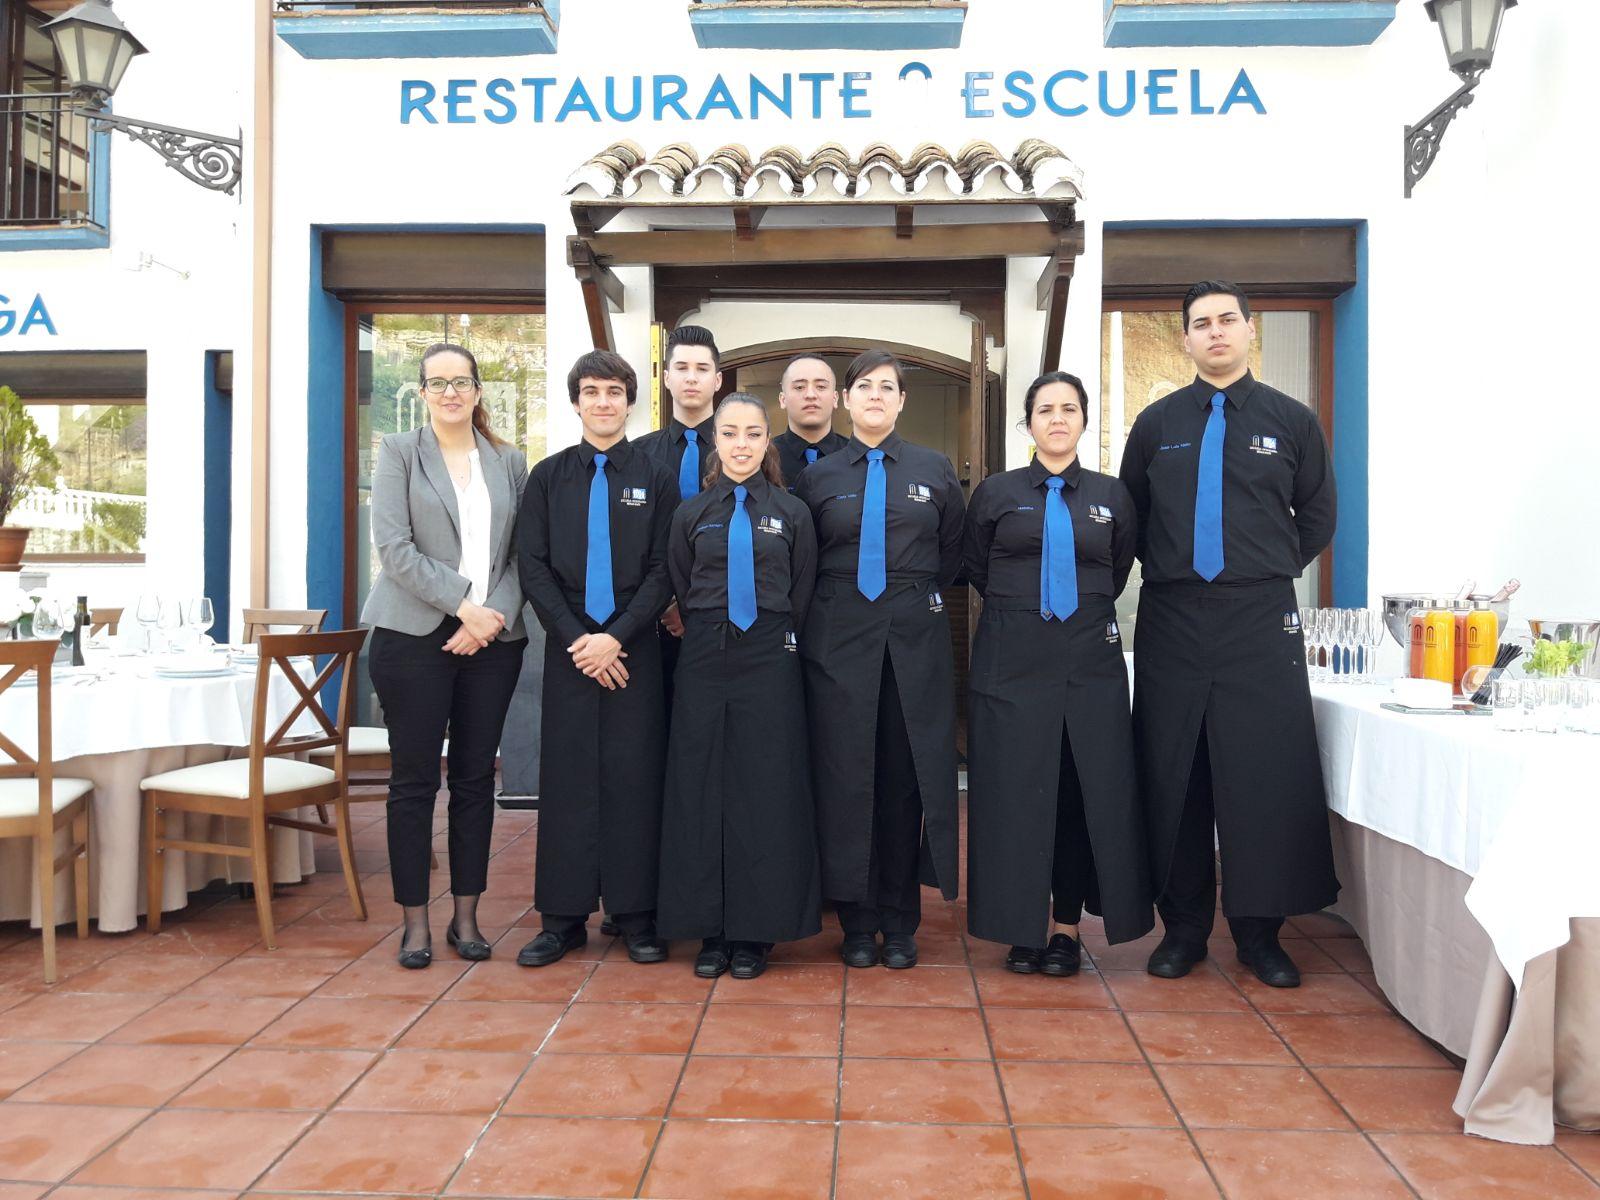 Desayuno de críticos gastronómicos en la Escuela de Hostelería de Benahavís